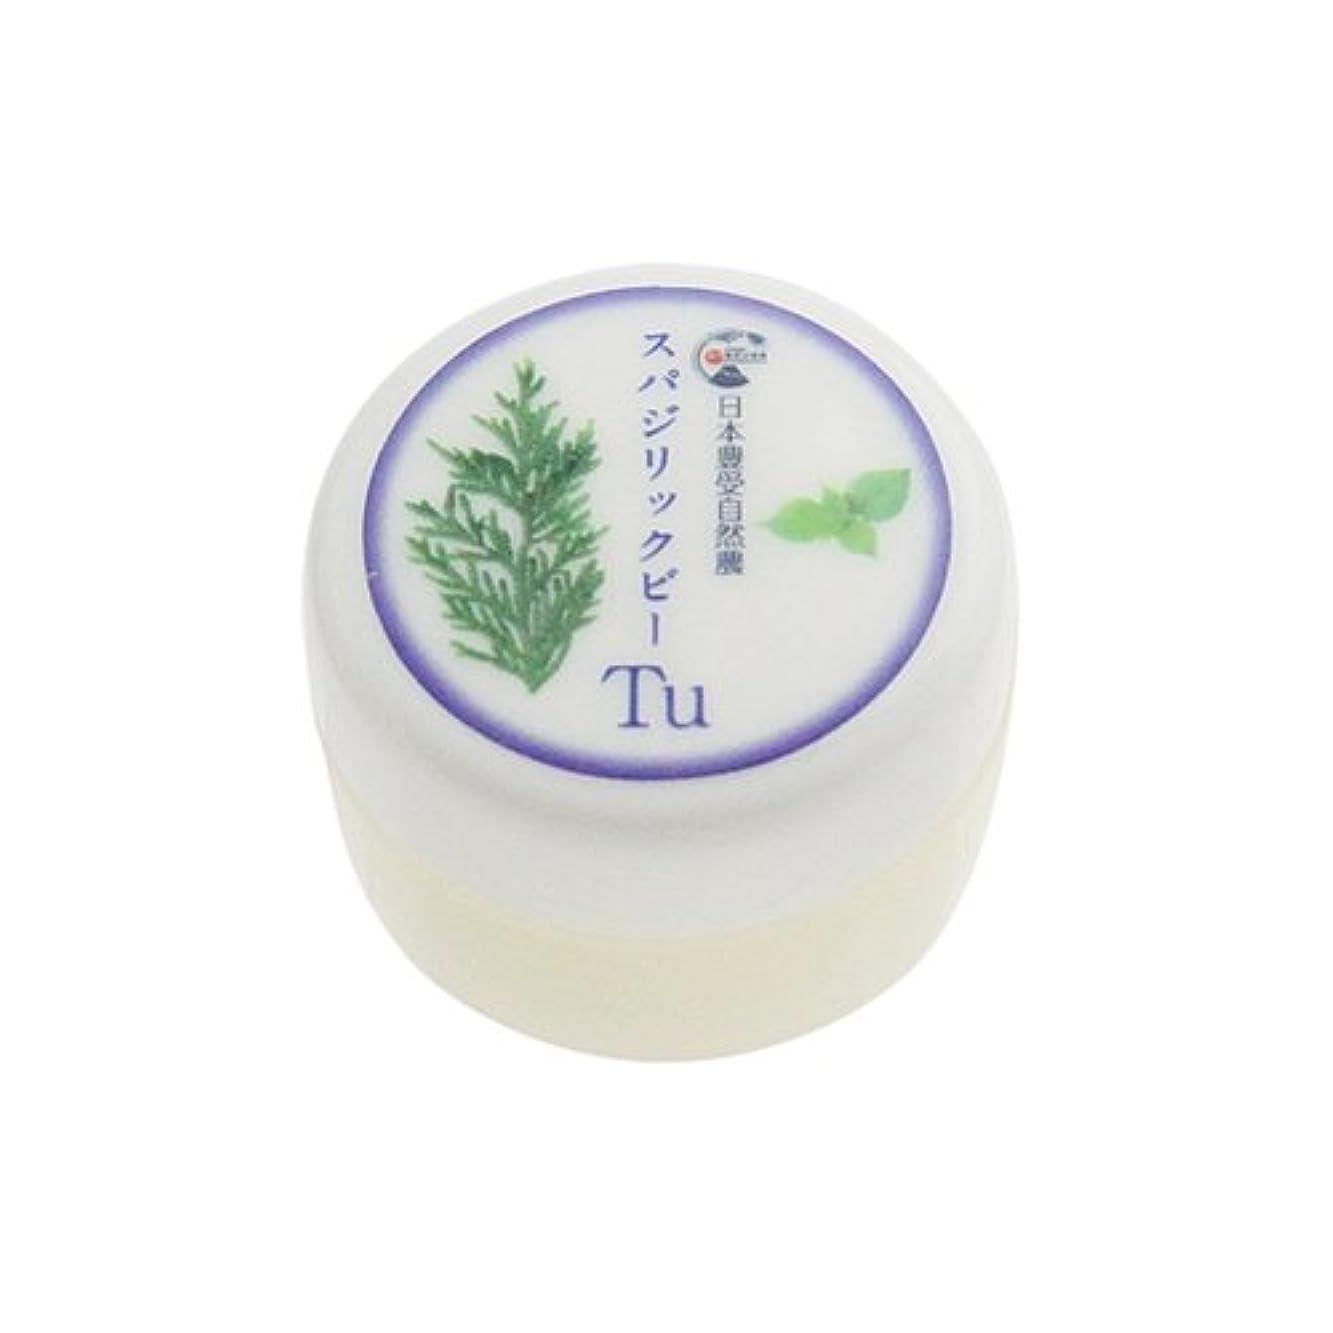 洗うラジカル外交日本豊受自然農 スパジリック ビーTu(小) 10g